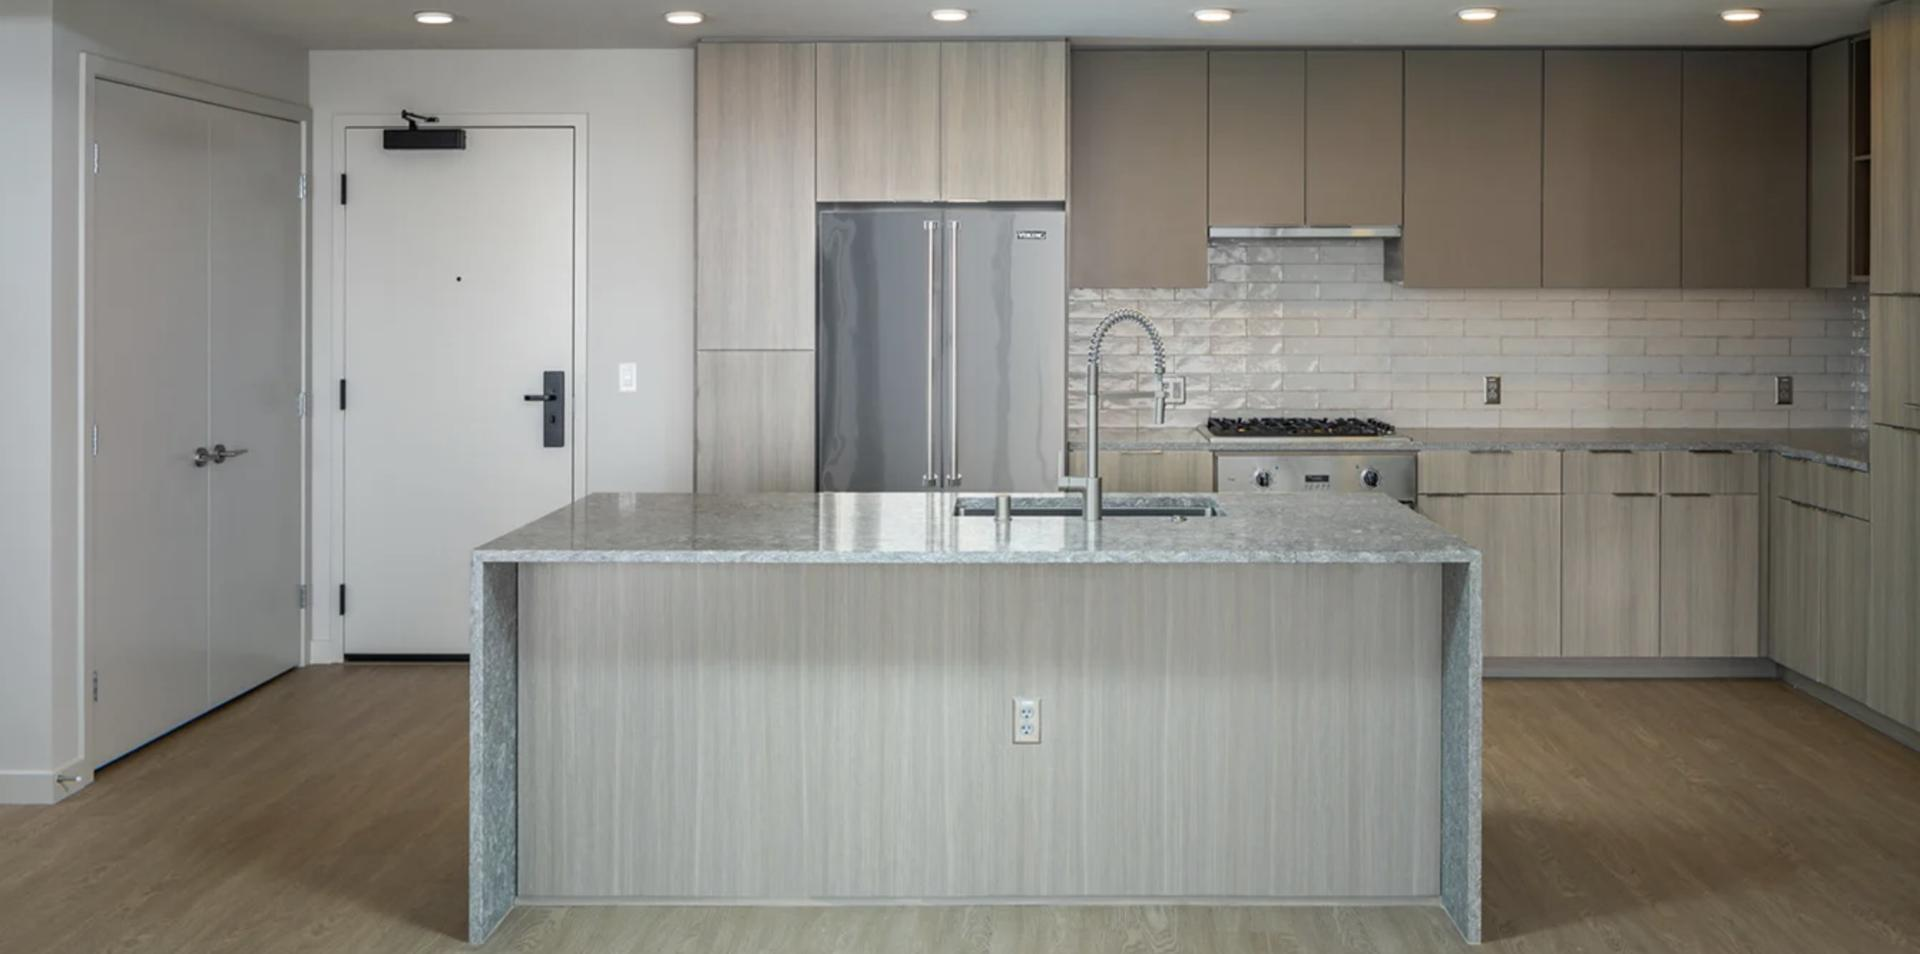 601 11th Avenue #2814, San Diego, CA - $4,525 USD/ month